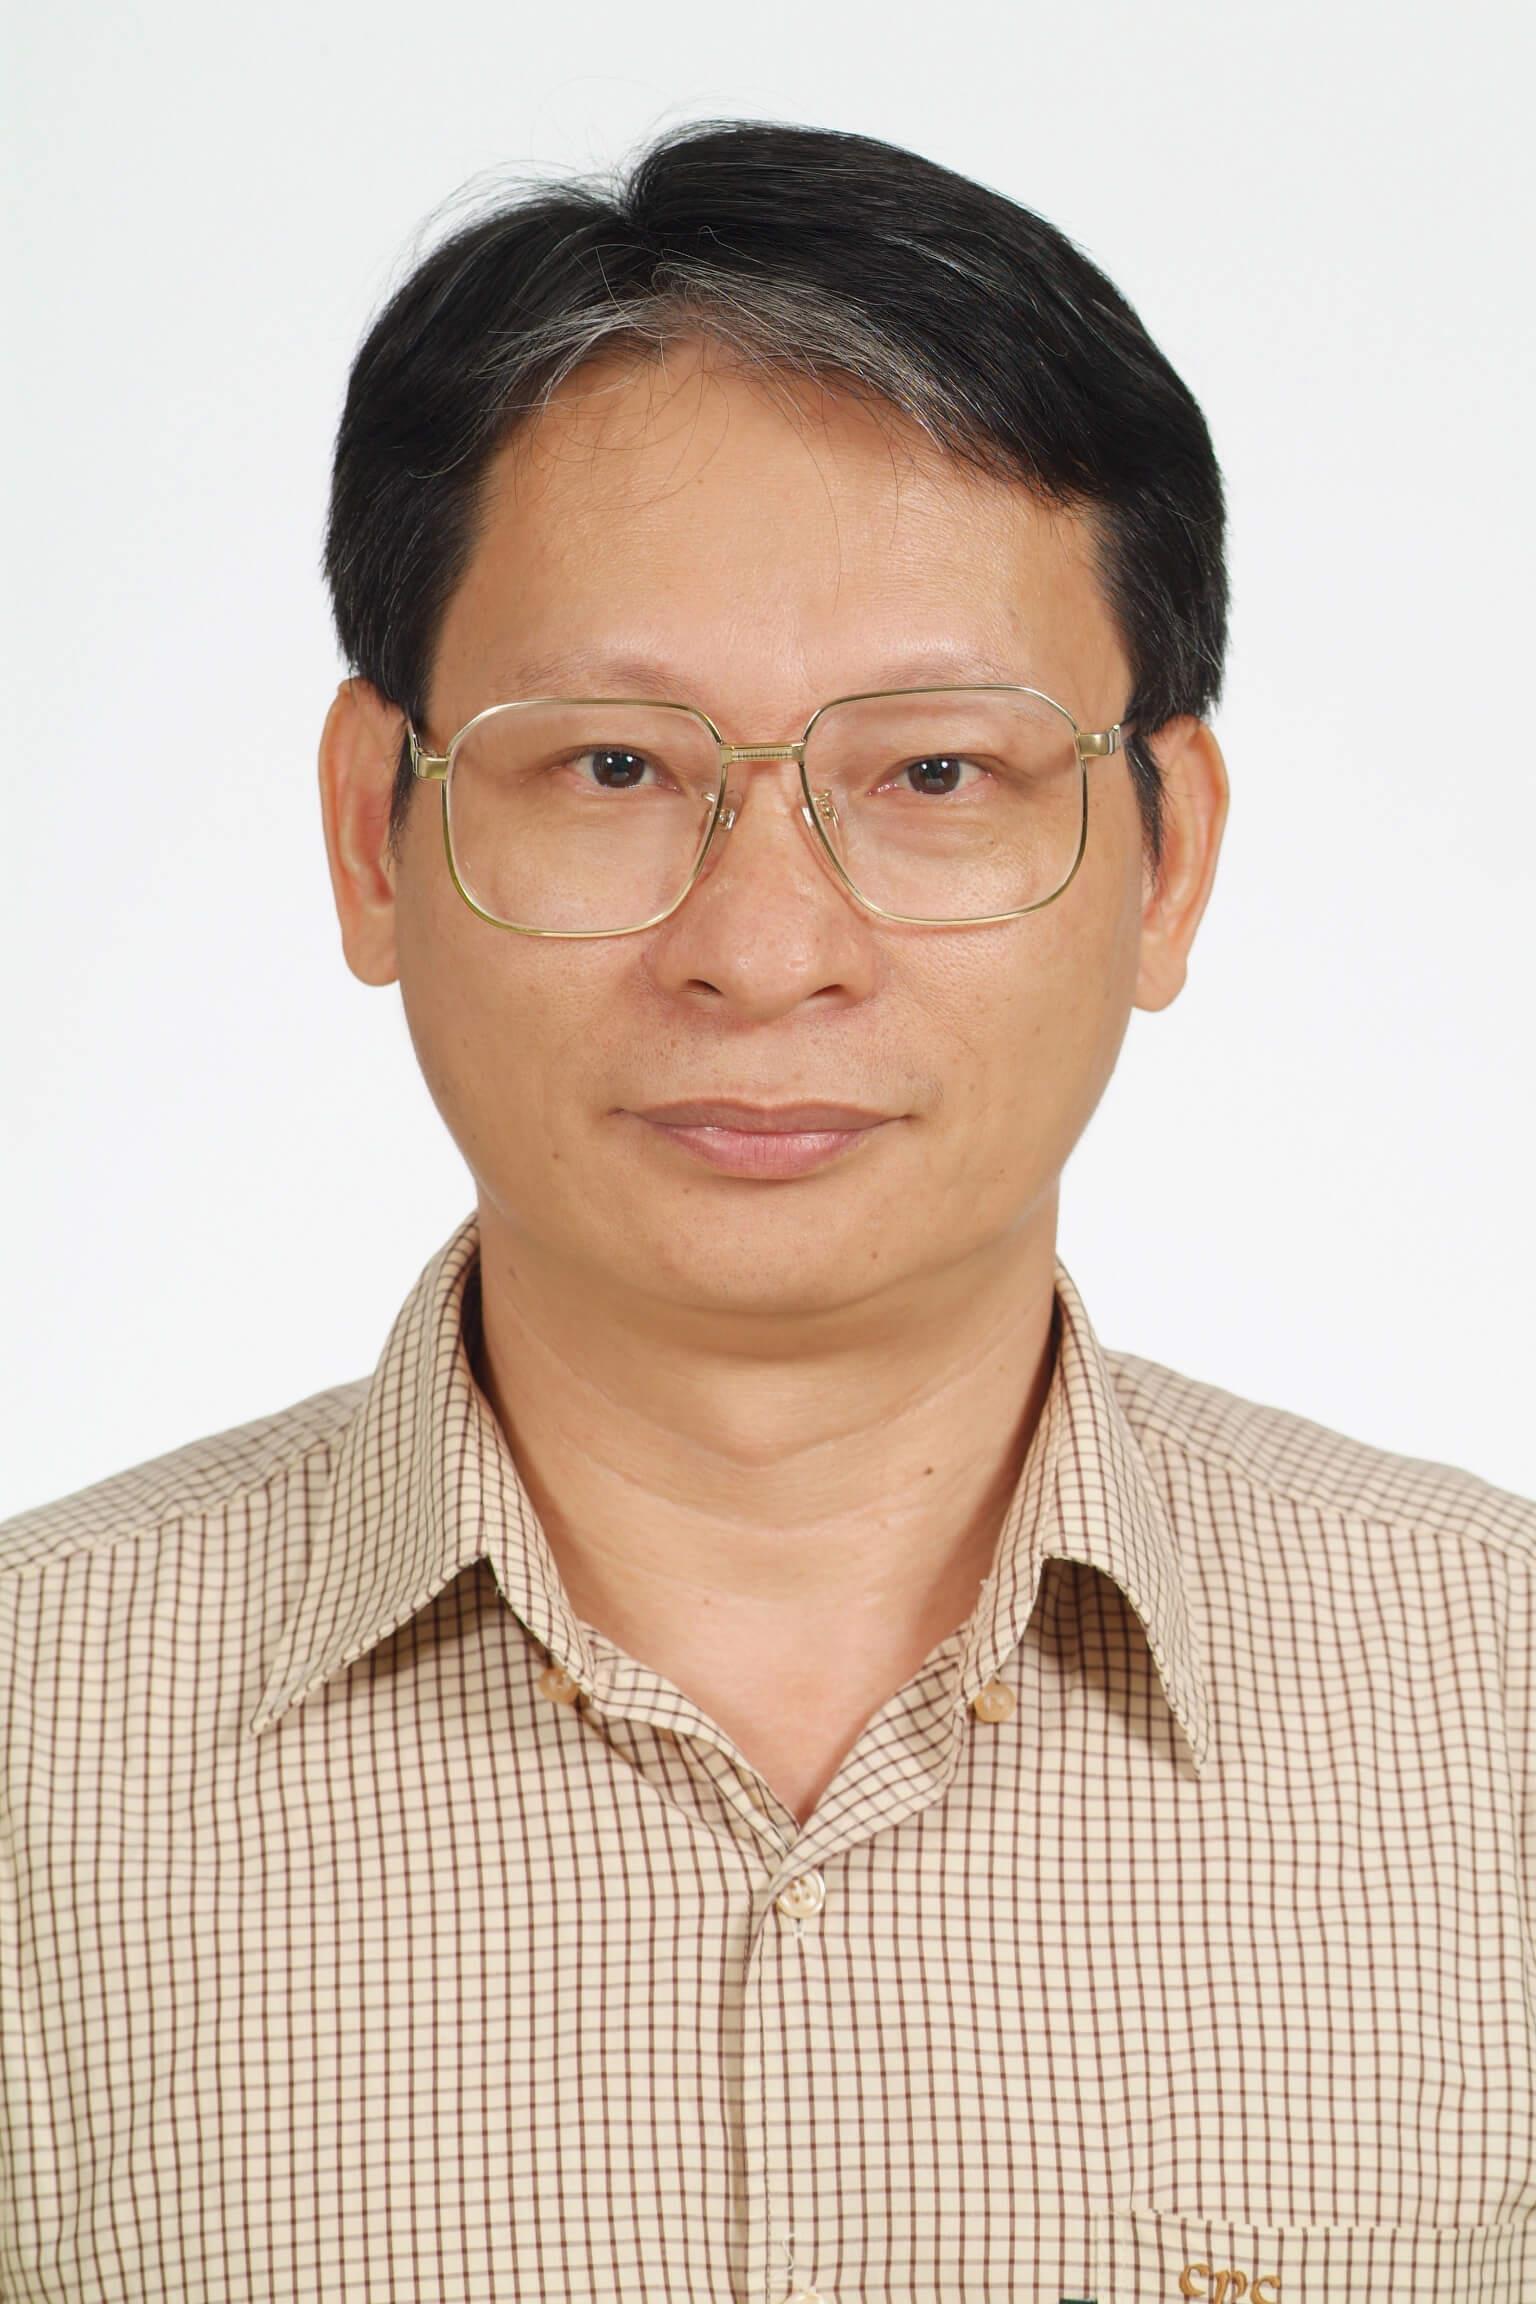 CHIA-SHOU CHIU